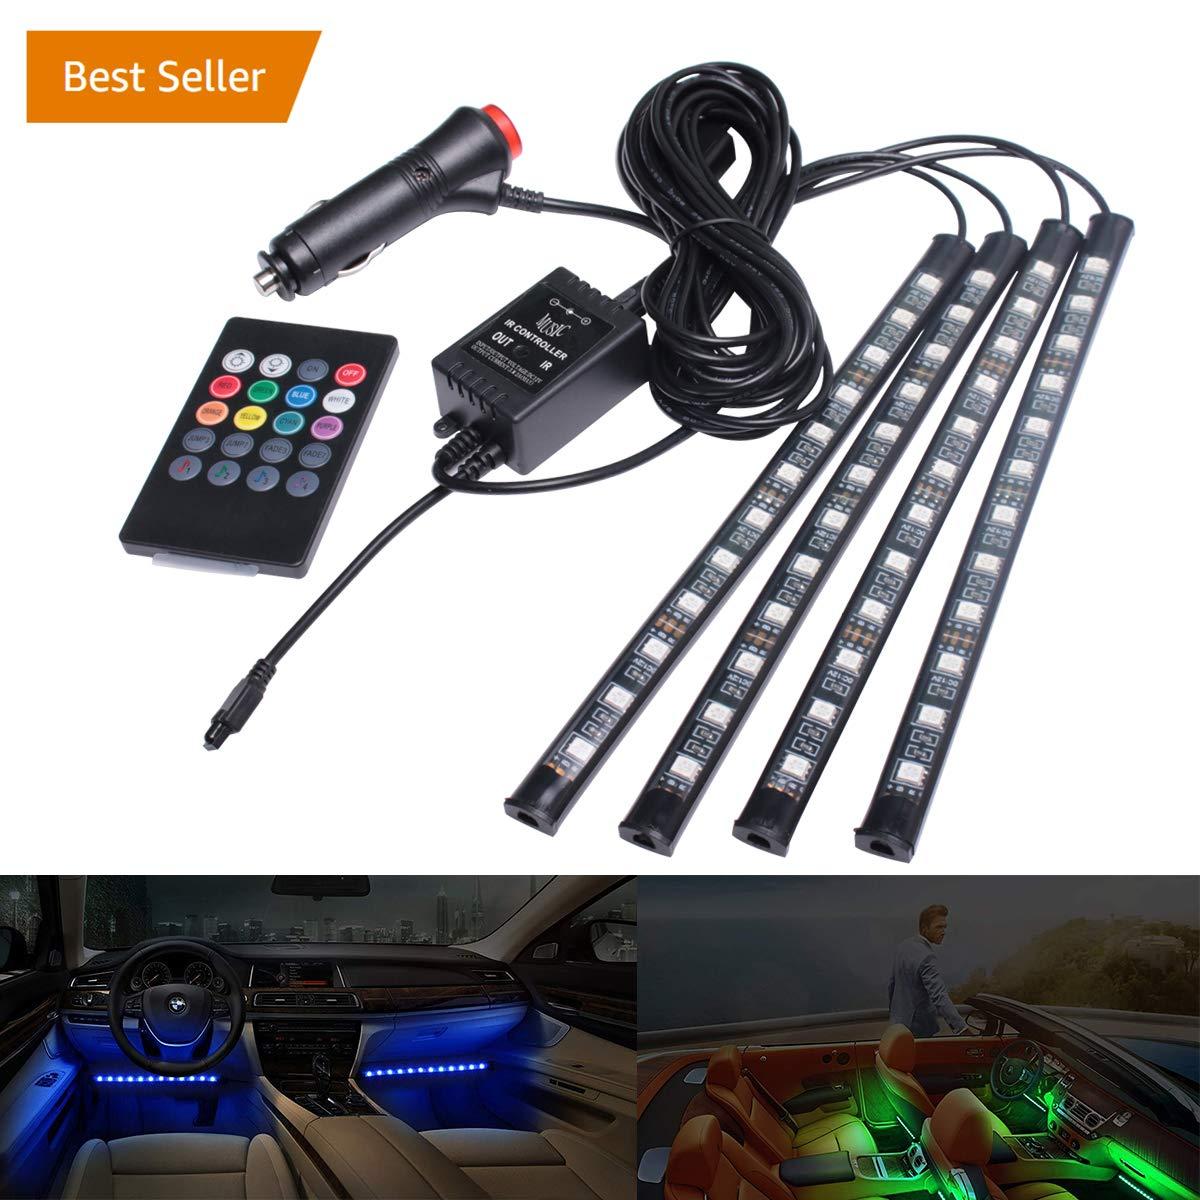 Striscia a LED –  36 LED interni auto luci luci vano piedi regolabile kit di illuminazione per auto, Mood luci colorate luce decorativa Baolicy